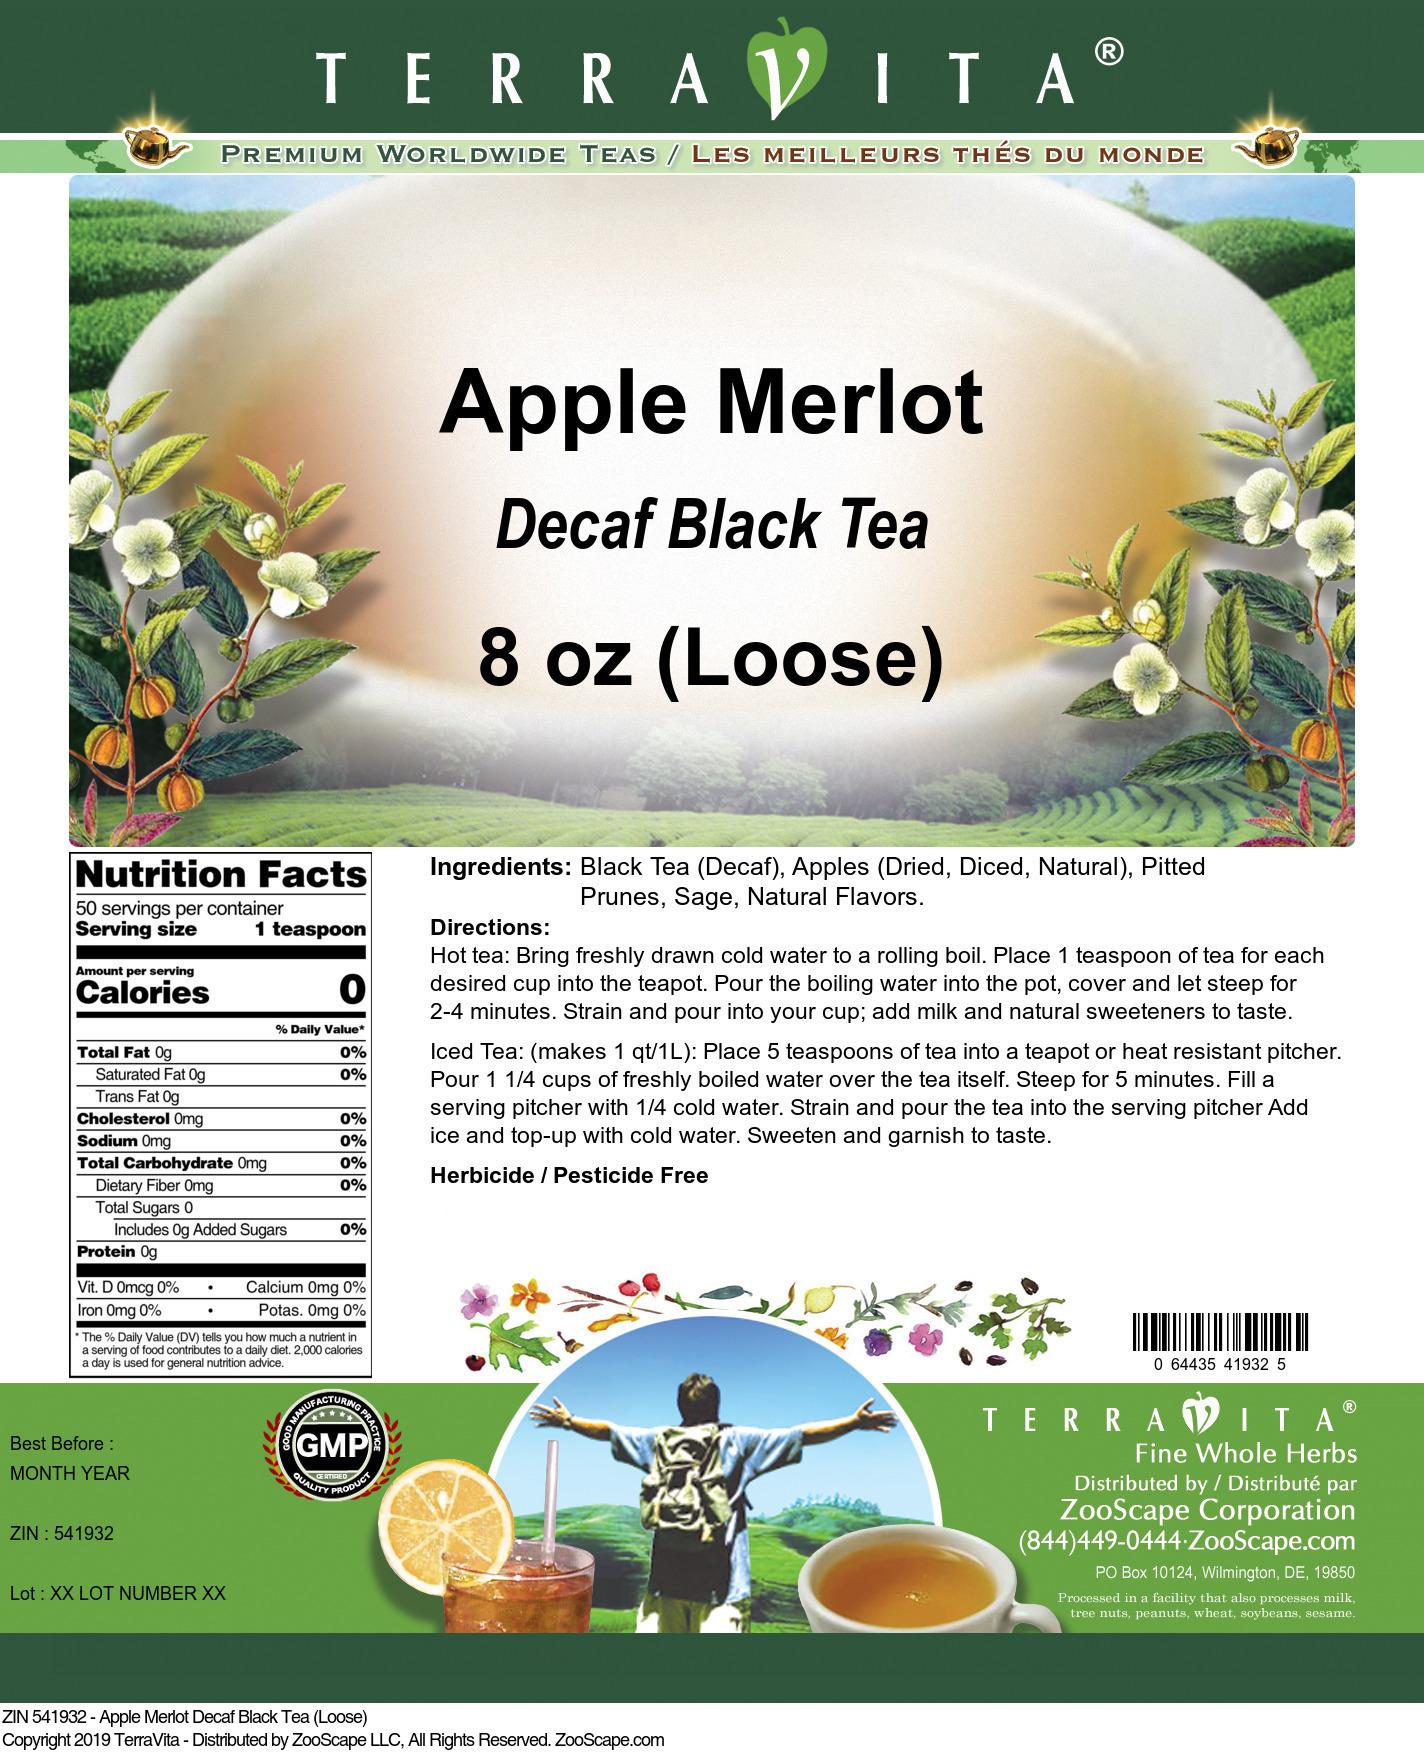 Apple Merlot Decaf Black Tea (Loose)